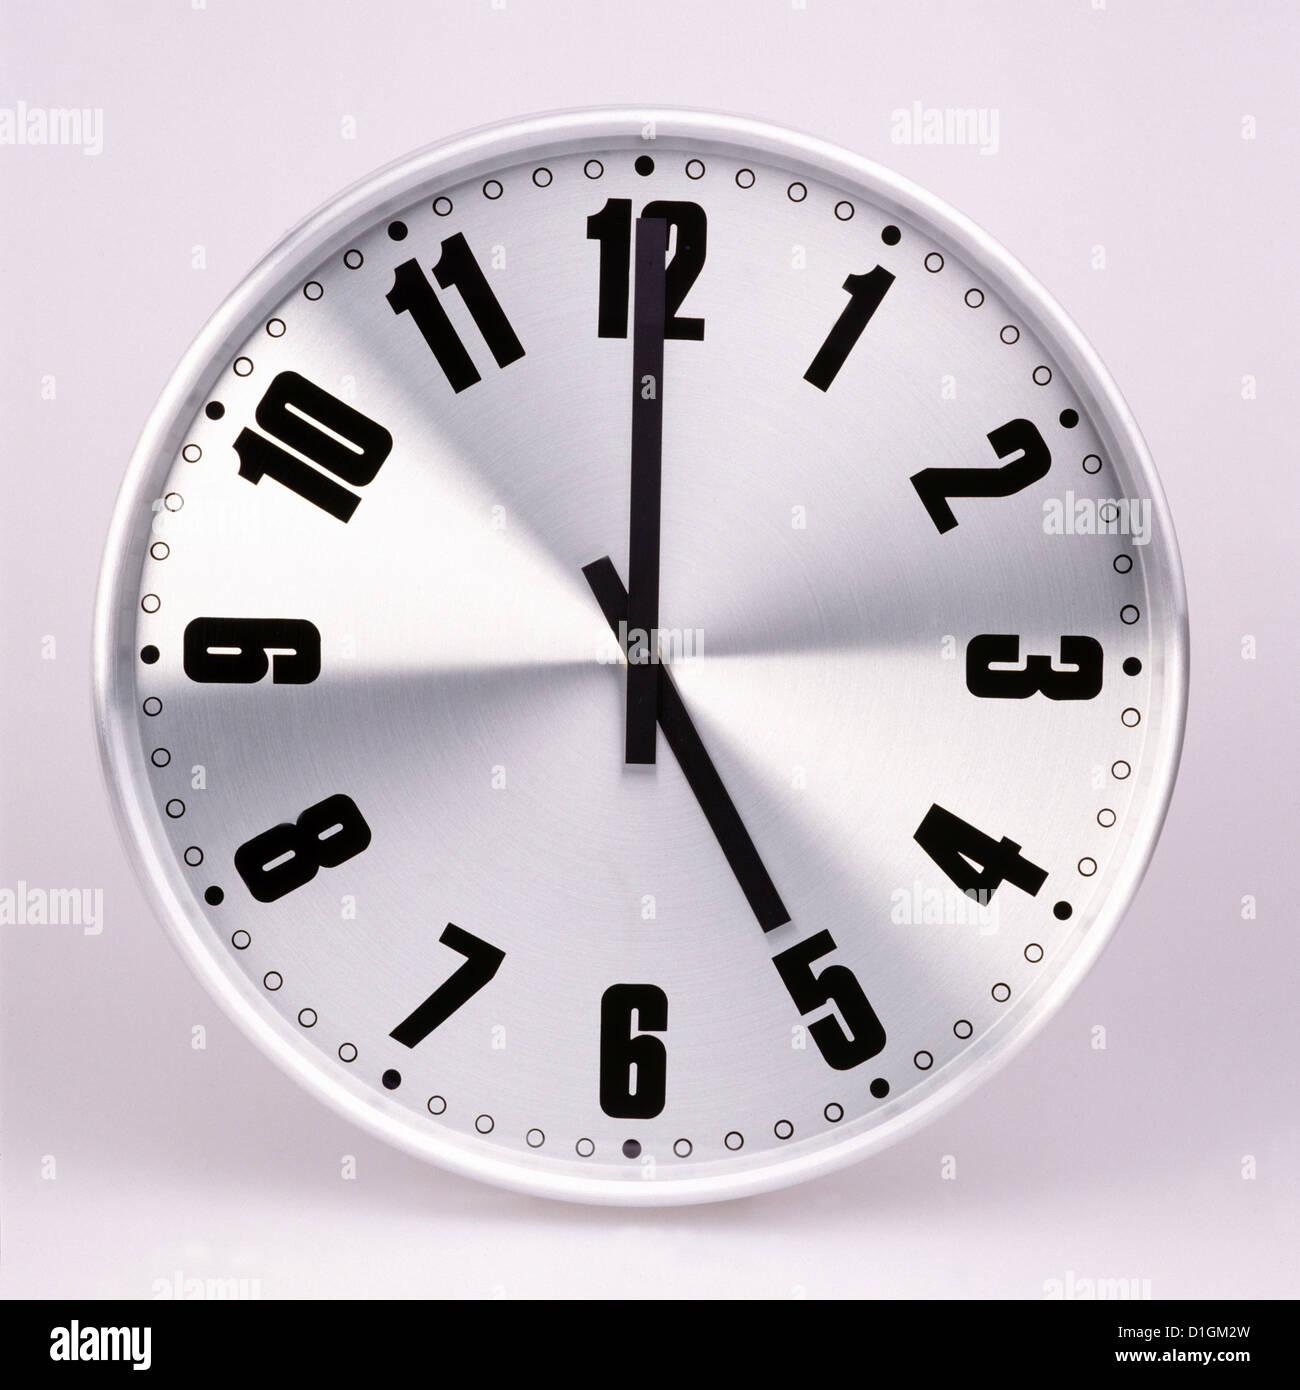 Reloj de pared de oficina Imagen De Stock